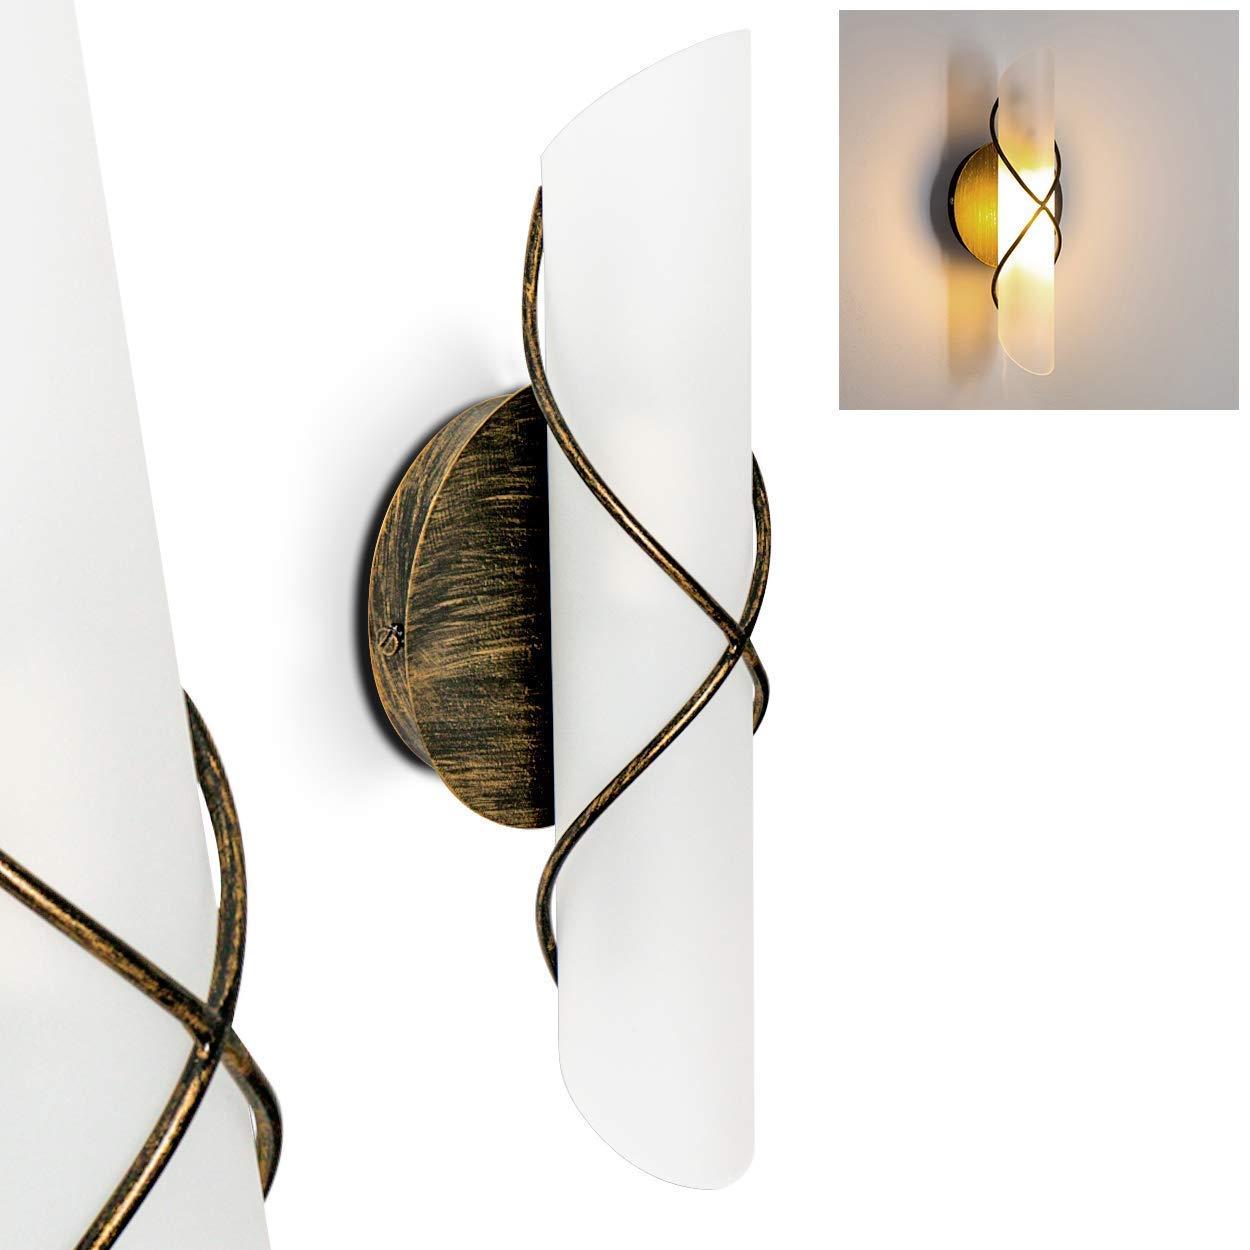 Applique da parete Palma Interruttore integrato Color bronzo Classe energetica A++